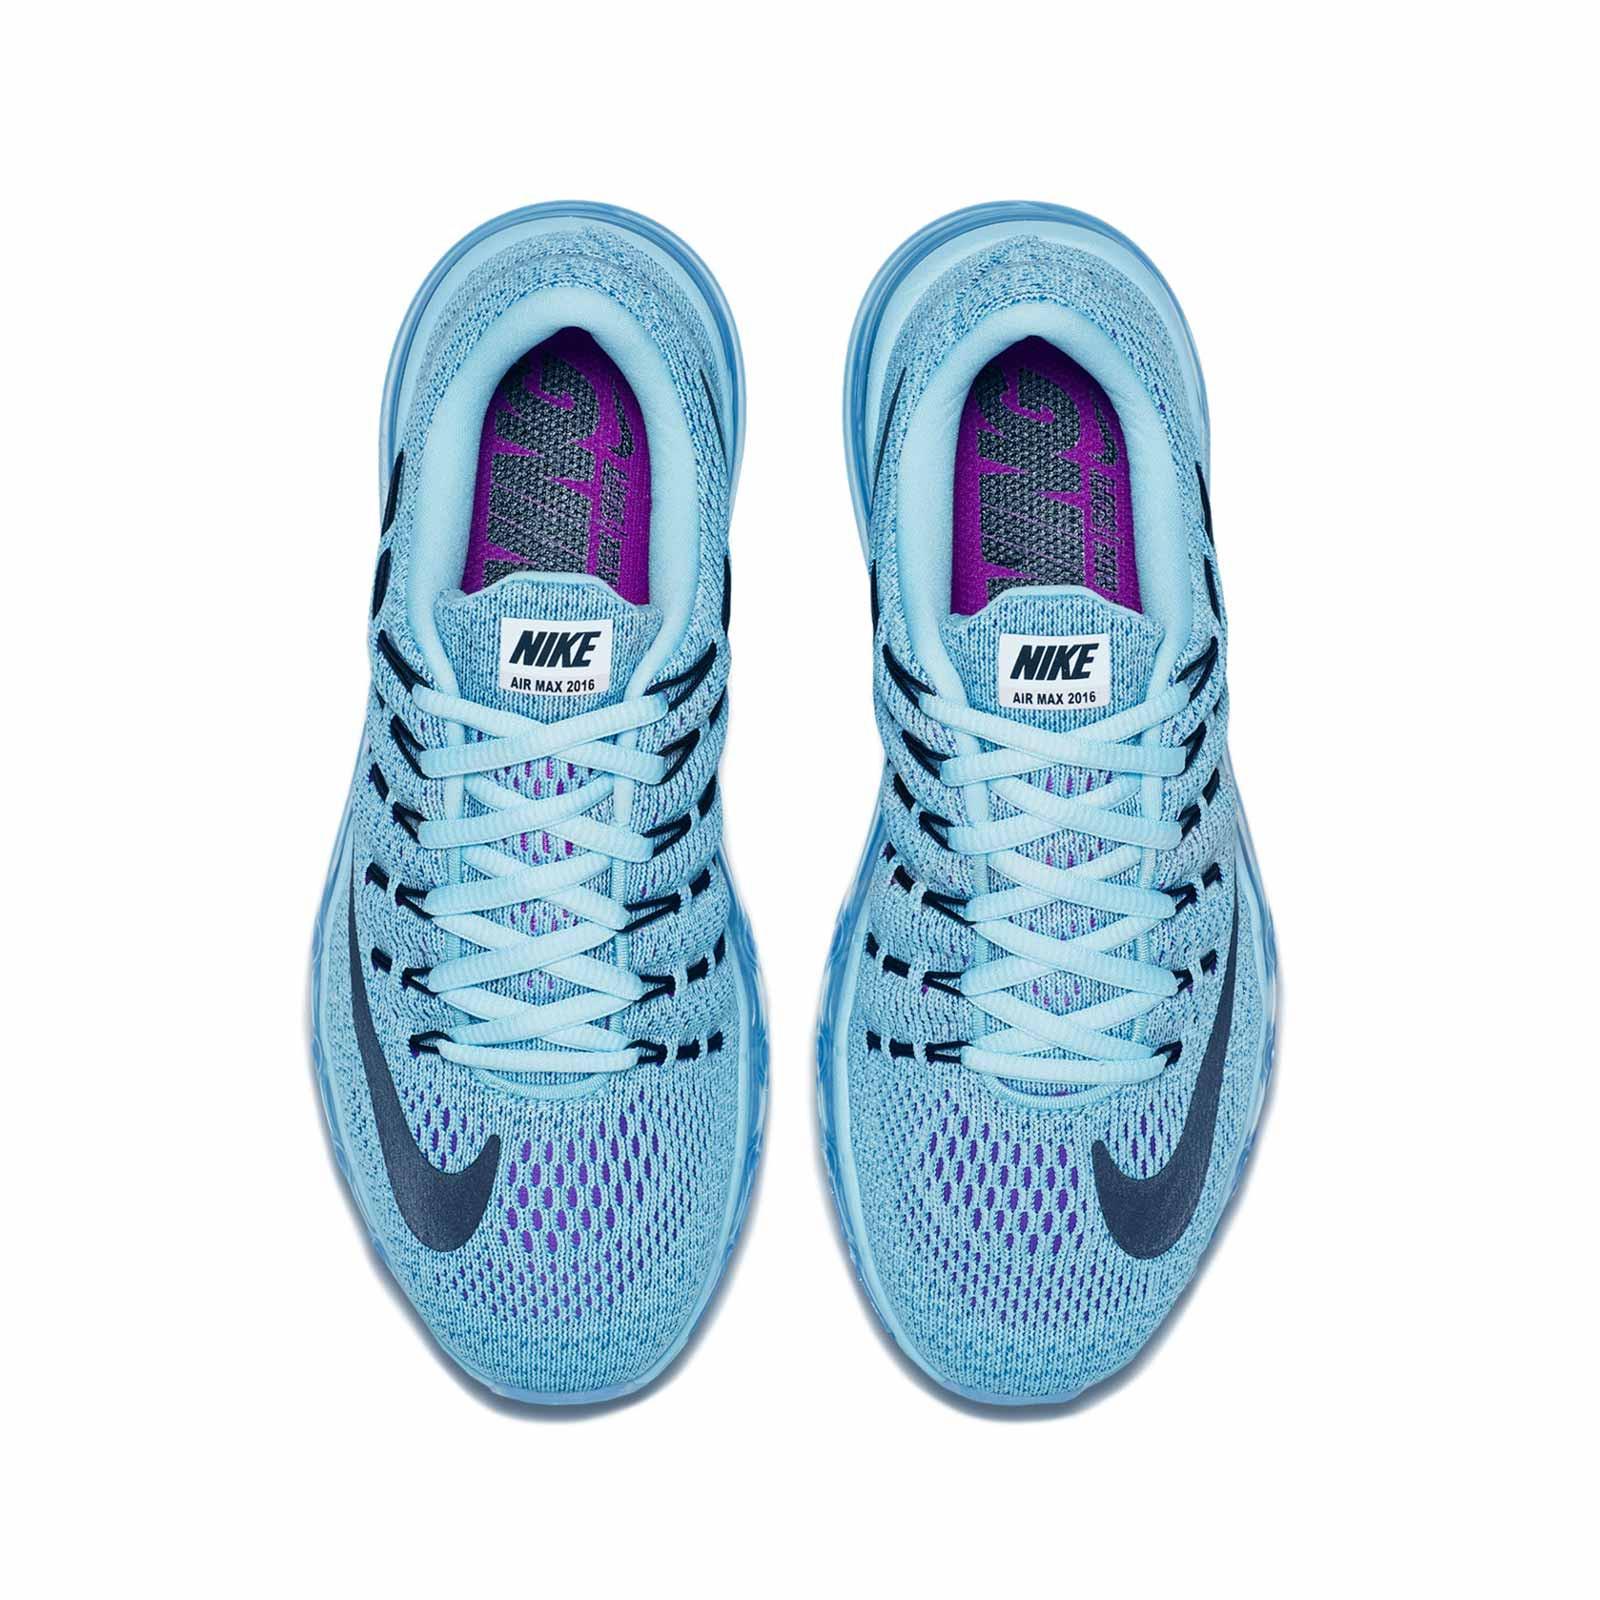 Confundir lechuga Disciplinario  Zapatillas Nike Wmns Nike Air Max 2016 Running para Mujer | Runa Store